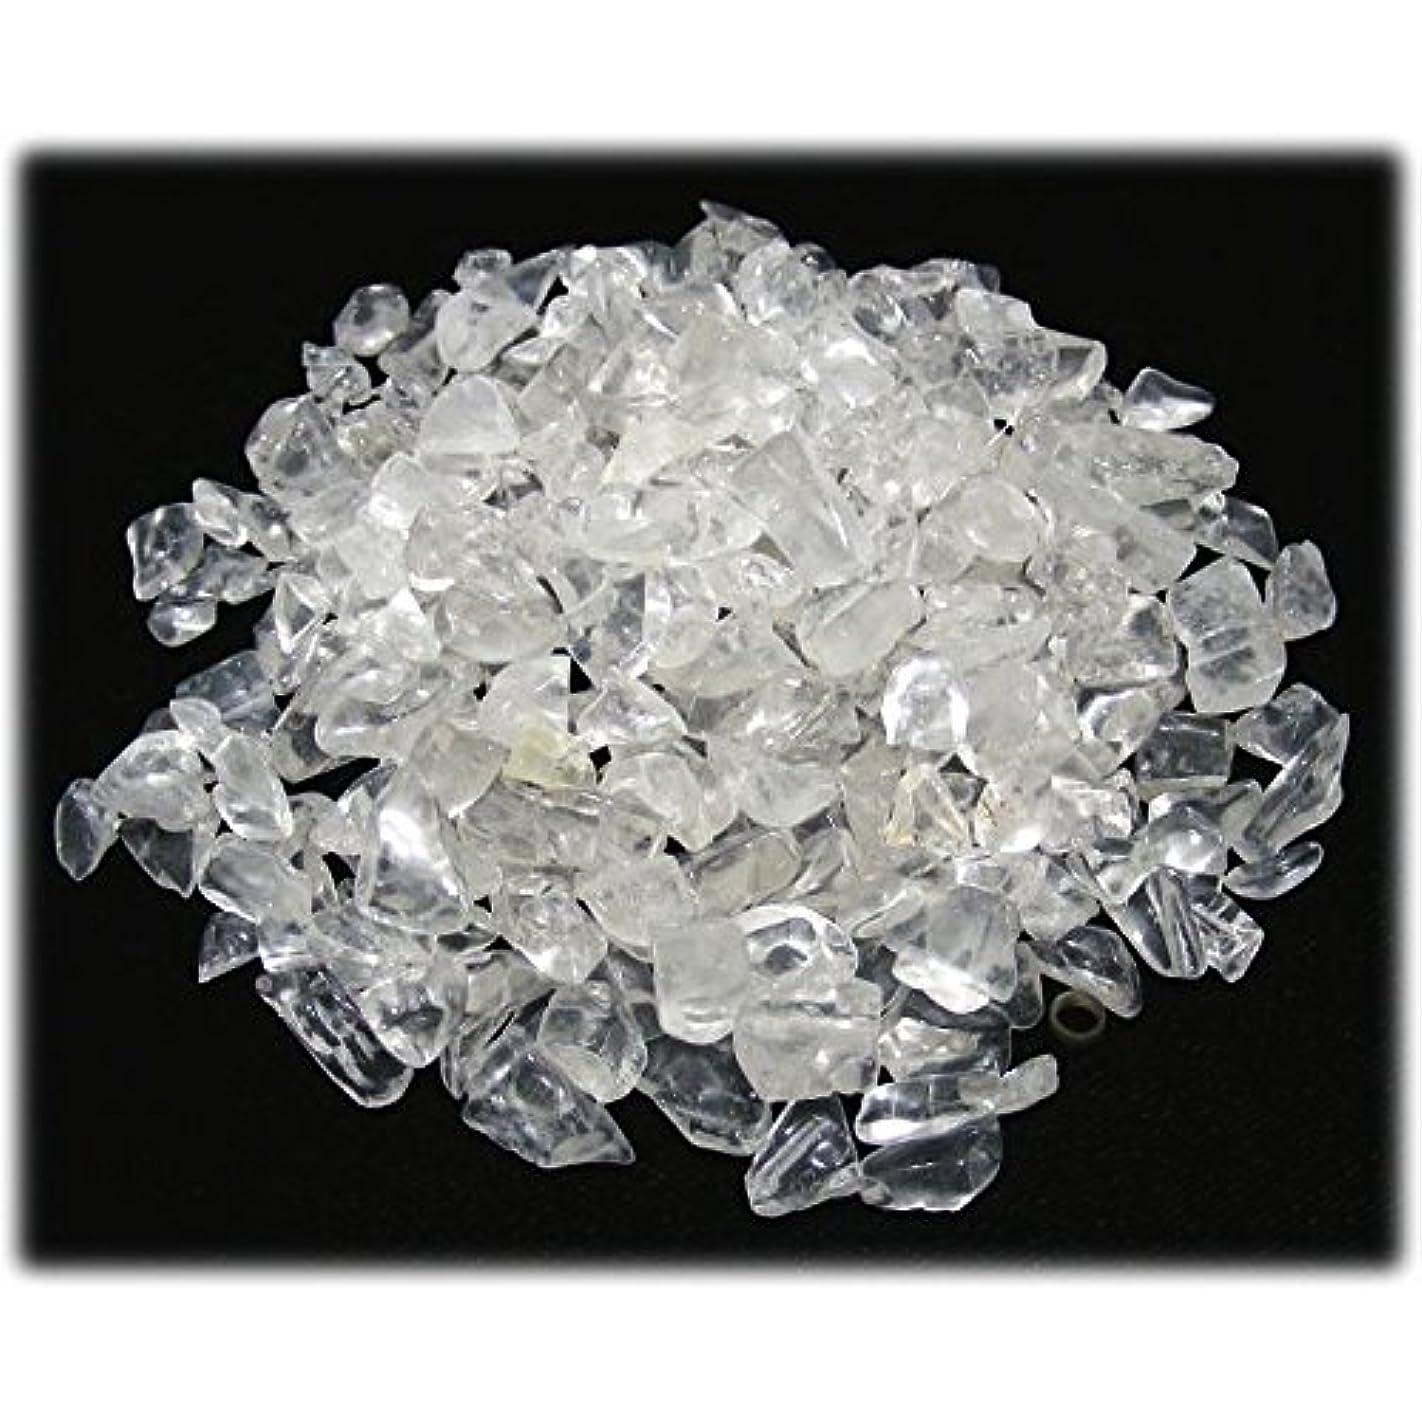 葉っぱ人柄吹きさらし浄化アイテム 水晶さざれ(穴無し)100g